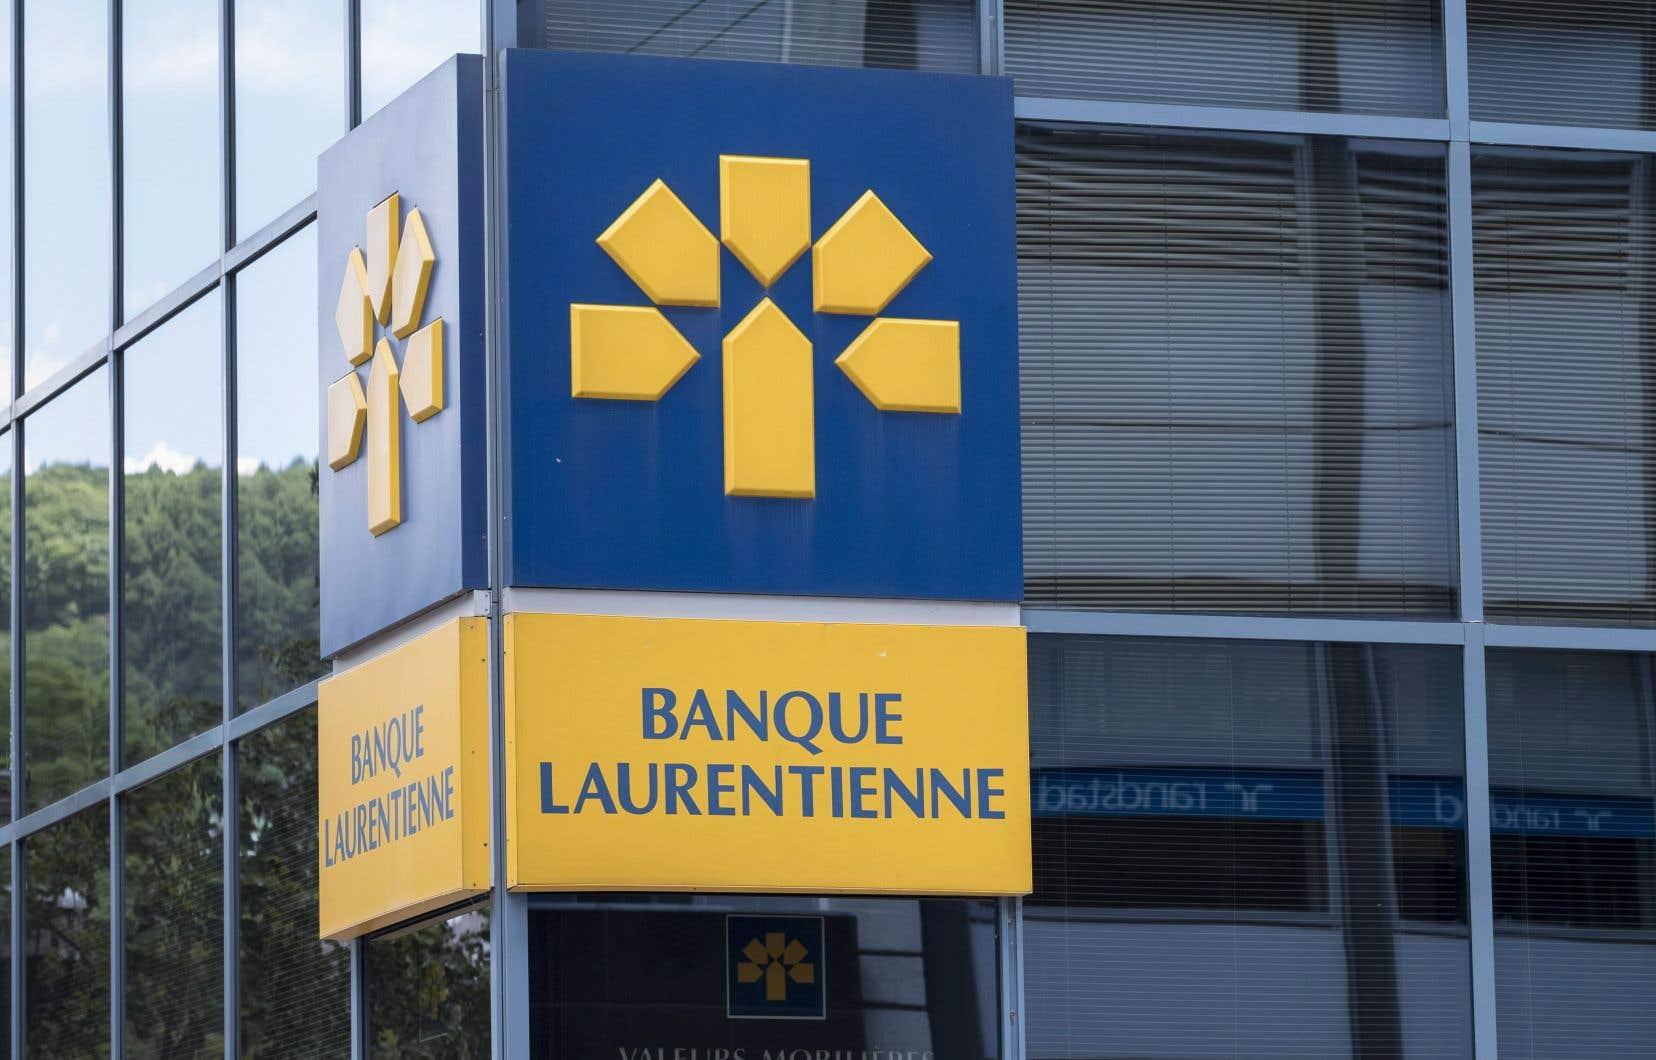 Le contrat de travail des syndiqués représentés par la section locale 434 du Syndicat des employés professionnels et de bureau (affilié à la FTQ) est échu depuis le 31décembre.